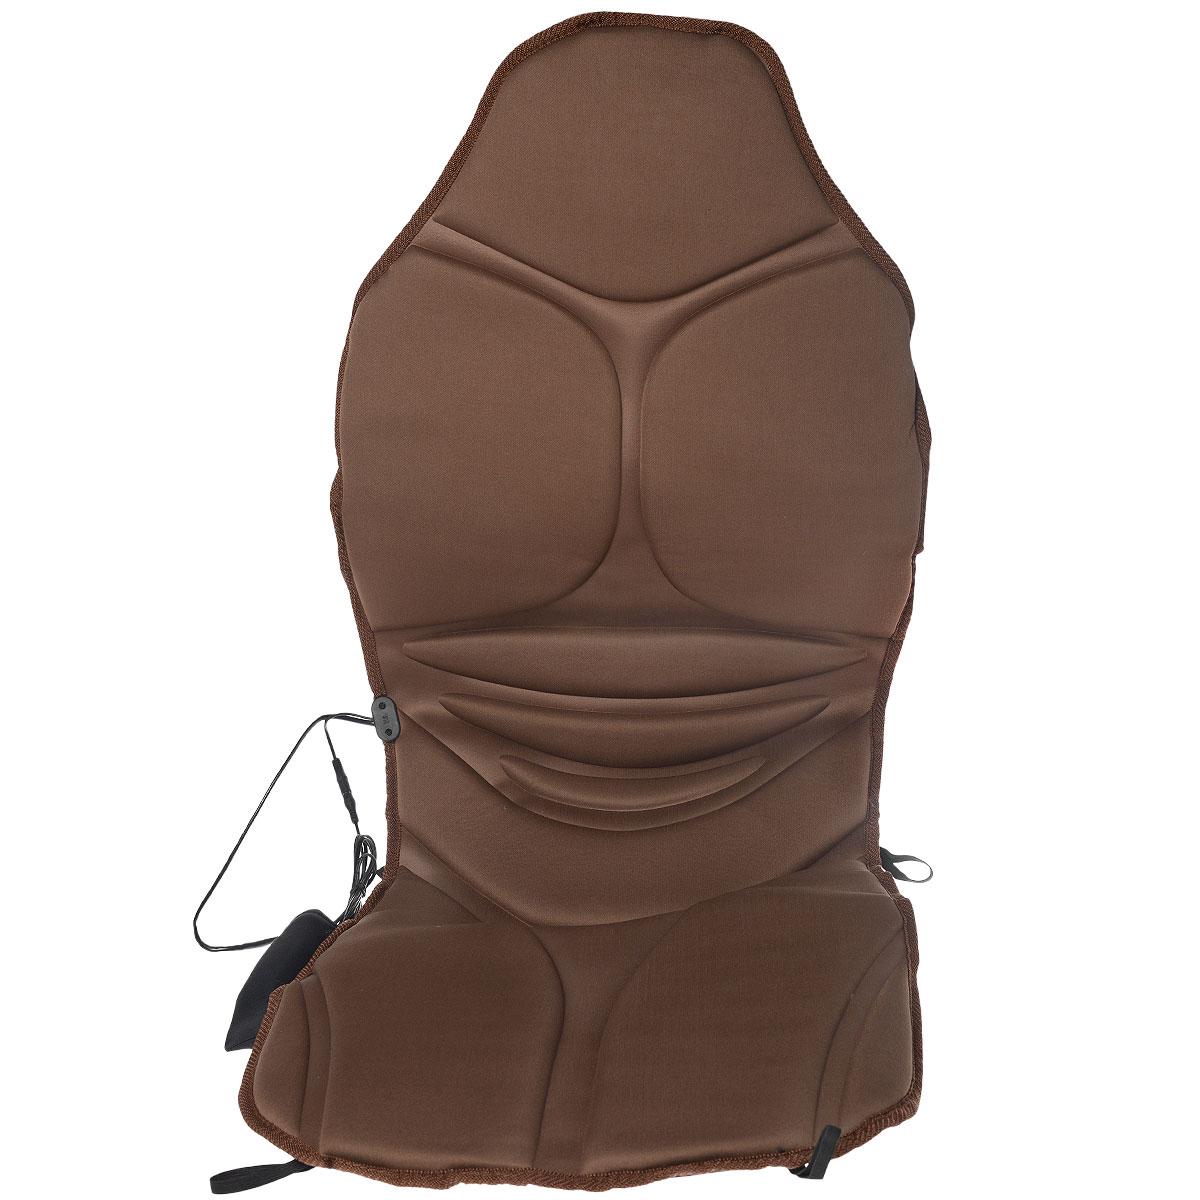 Накидка массажная на сиденье Sapfire, с обогревом, 117 см х 49 смSCH-0450Накидка на сиденье Sapfire выполнена из полиэстера и предназначена для сиденья в автомобильное кресло. Если вы проводите длительное время за рулем, то массажная накидка вам просто необходима. Установите ее на кресло и подарите себе расслабляющий и оздоровительный массаж. Пульт позволяет задать скорость, интенсивность и вид массажа. Функция подогрева усиливает эффективность процедуры. Преимущества массажной накидки Sapfire: - 5 массажных точек (шея, левая часть спины, правая часть спины, левая нога, правая нога); - таймер на 15 минут, 30 минут и 60 минут; - режим циркулирующего массажа; - функция обогрева; - пульт управления с контролем интенсивности; - эргономичная форма сиденья; - упругий наполнитель удобно поддерживает тело. Напряжение: 12V DC. Энергопотребление моторов: 0,84W, 70ma - один мотор. Нагревательный элемент: 3,6W, 300ma. Термостат: 65±5°C. Размер накидки: 117 см х 49 см. Уважаемые...